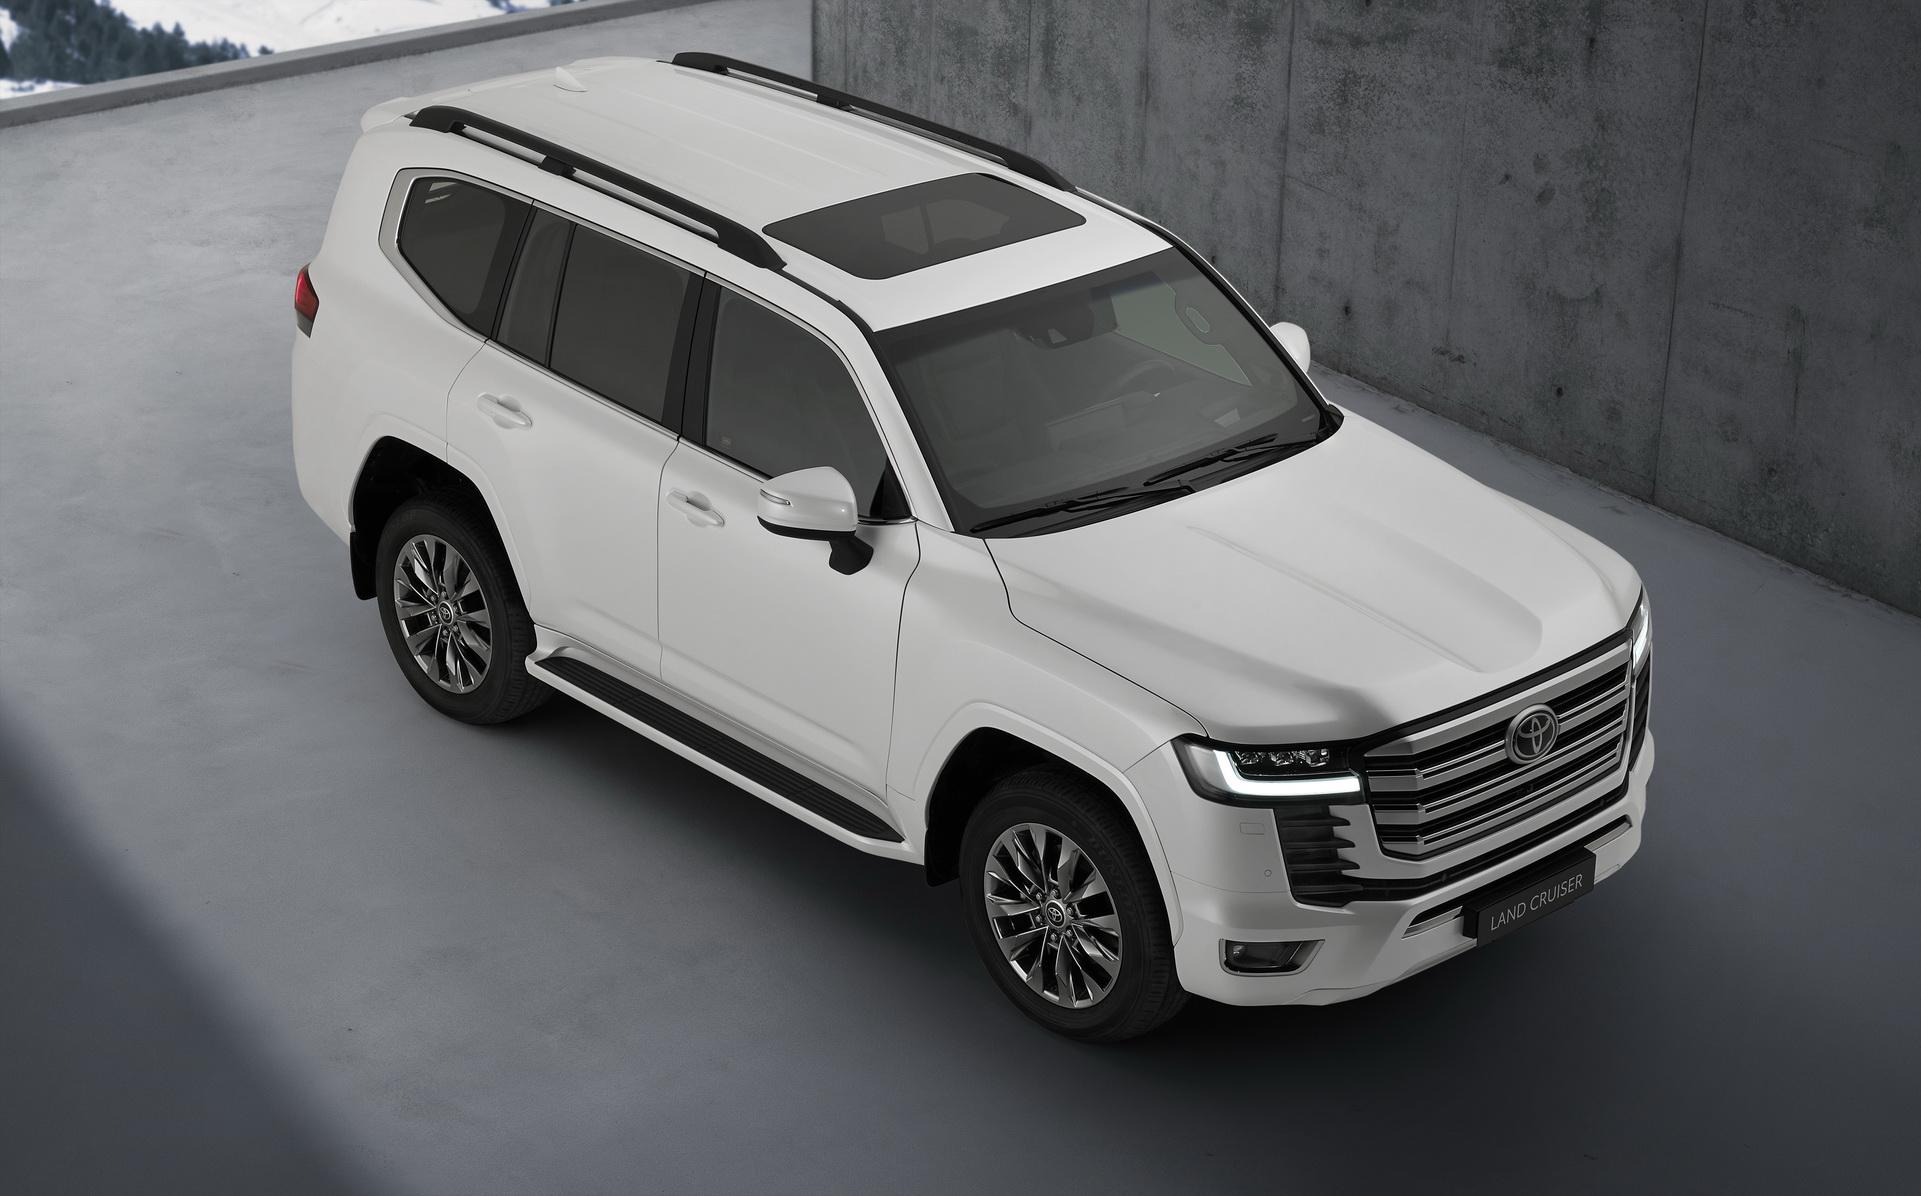 Toyota Land Cruiser 2022 ra mắt: Kiểu dáng mới, động cơ tăng áp, nhiều tính năng hỗ trợ offroad - Ảnh 3.